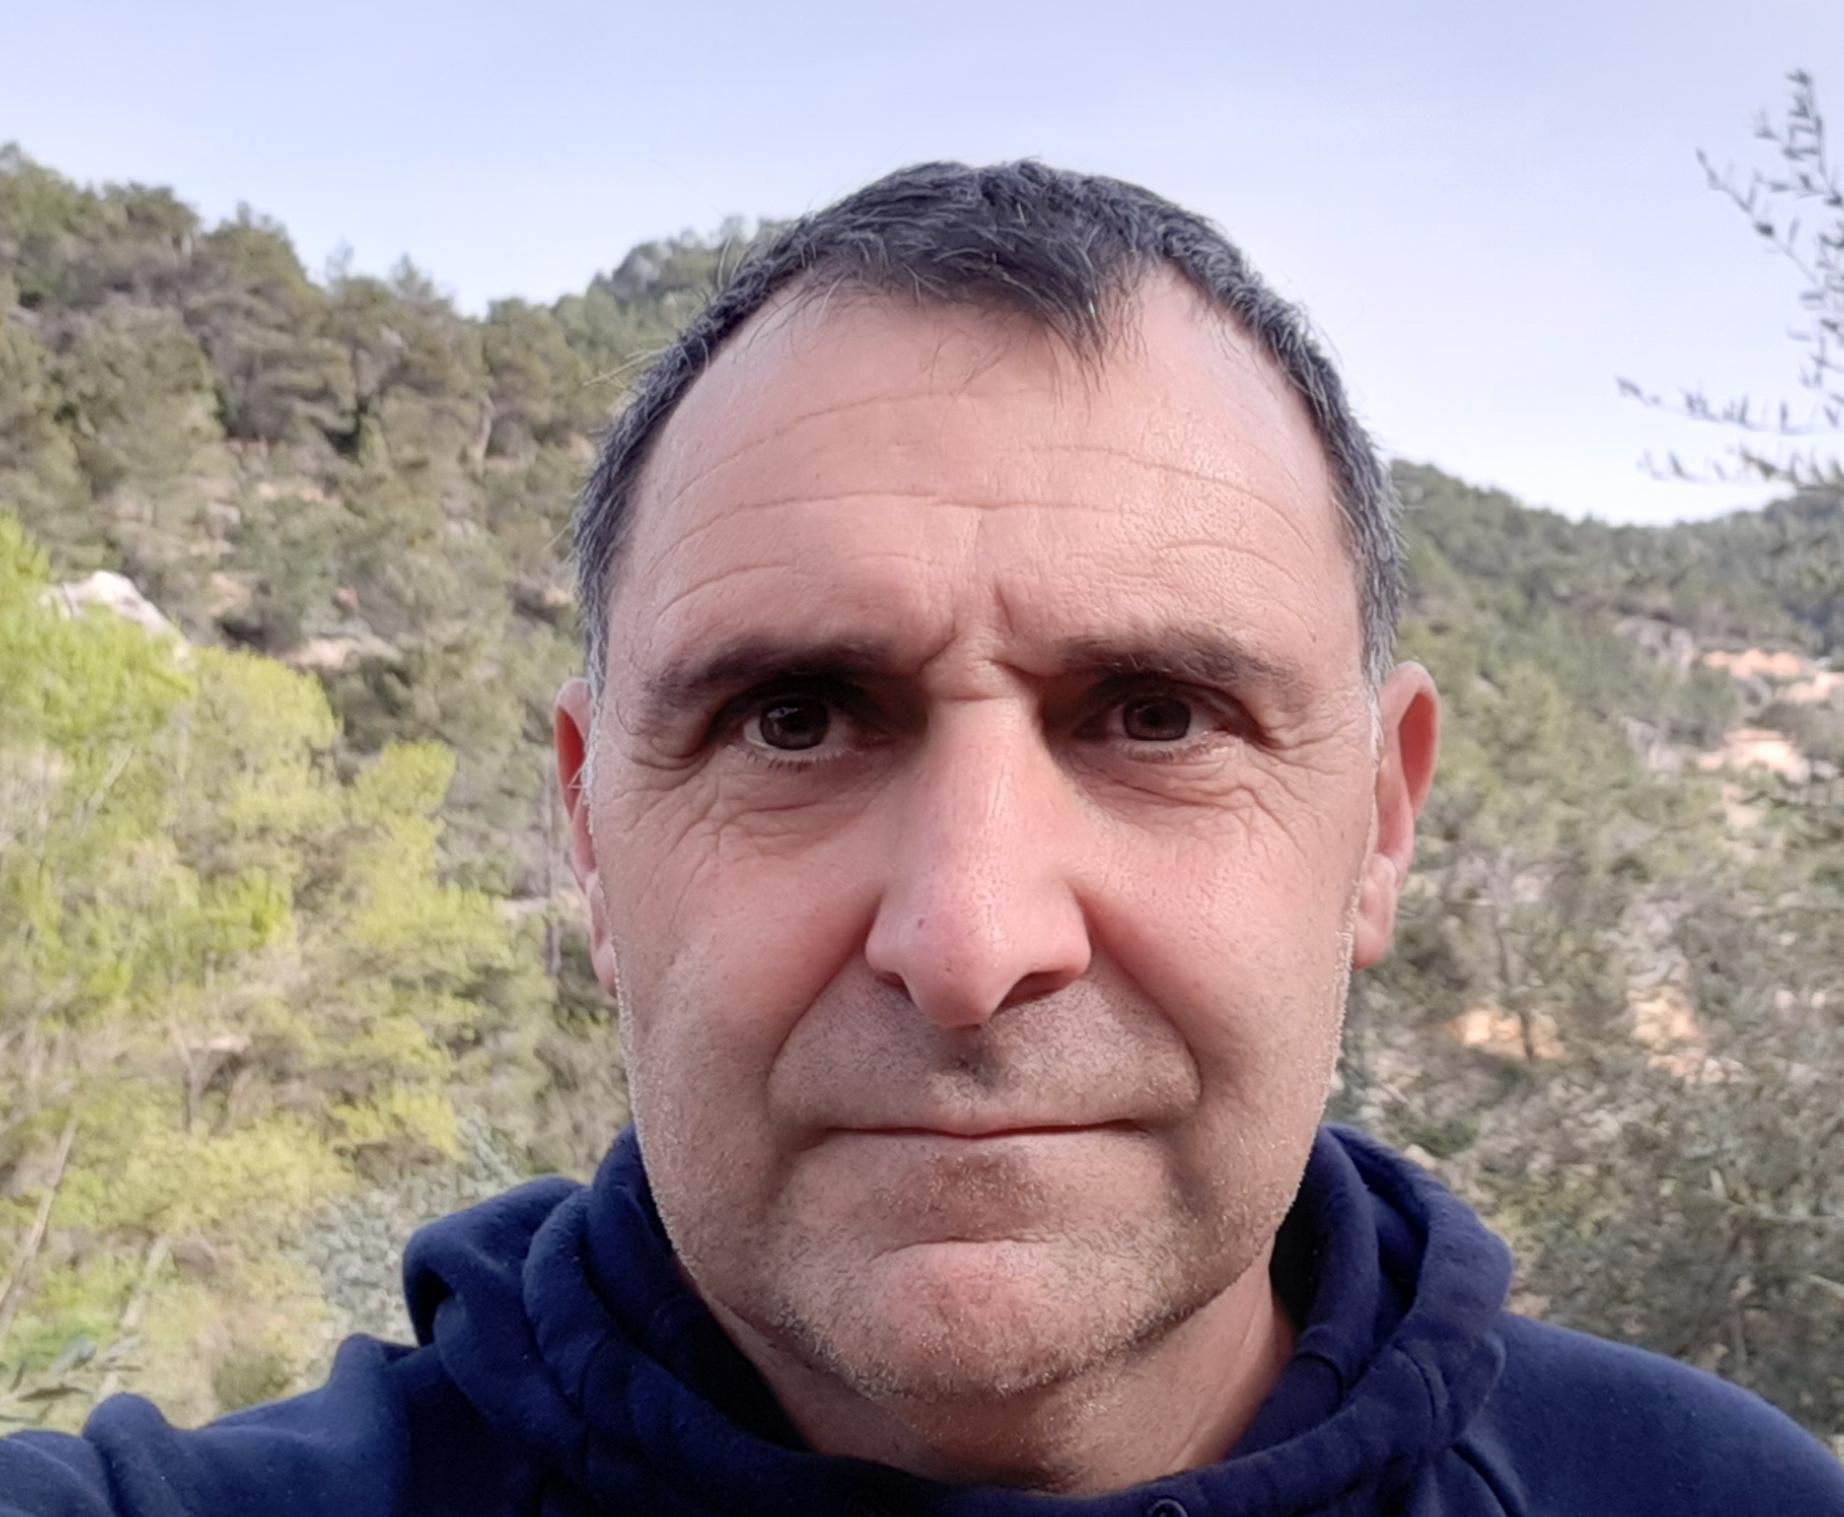 Mario Canet Sabaté